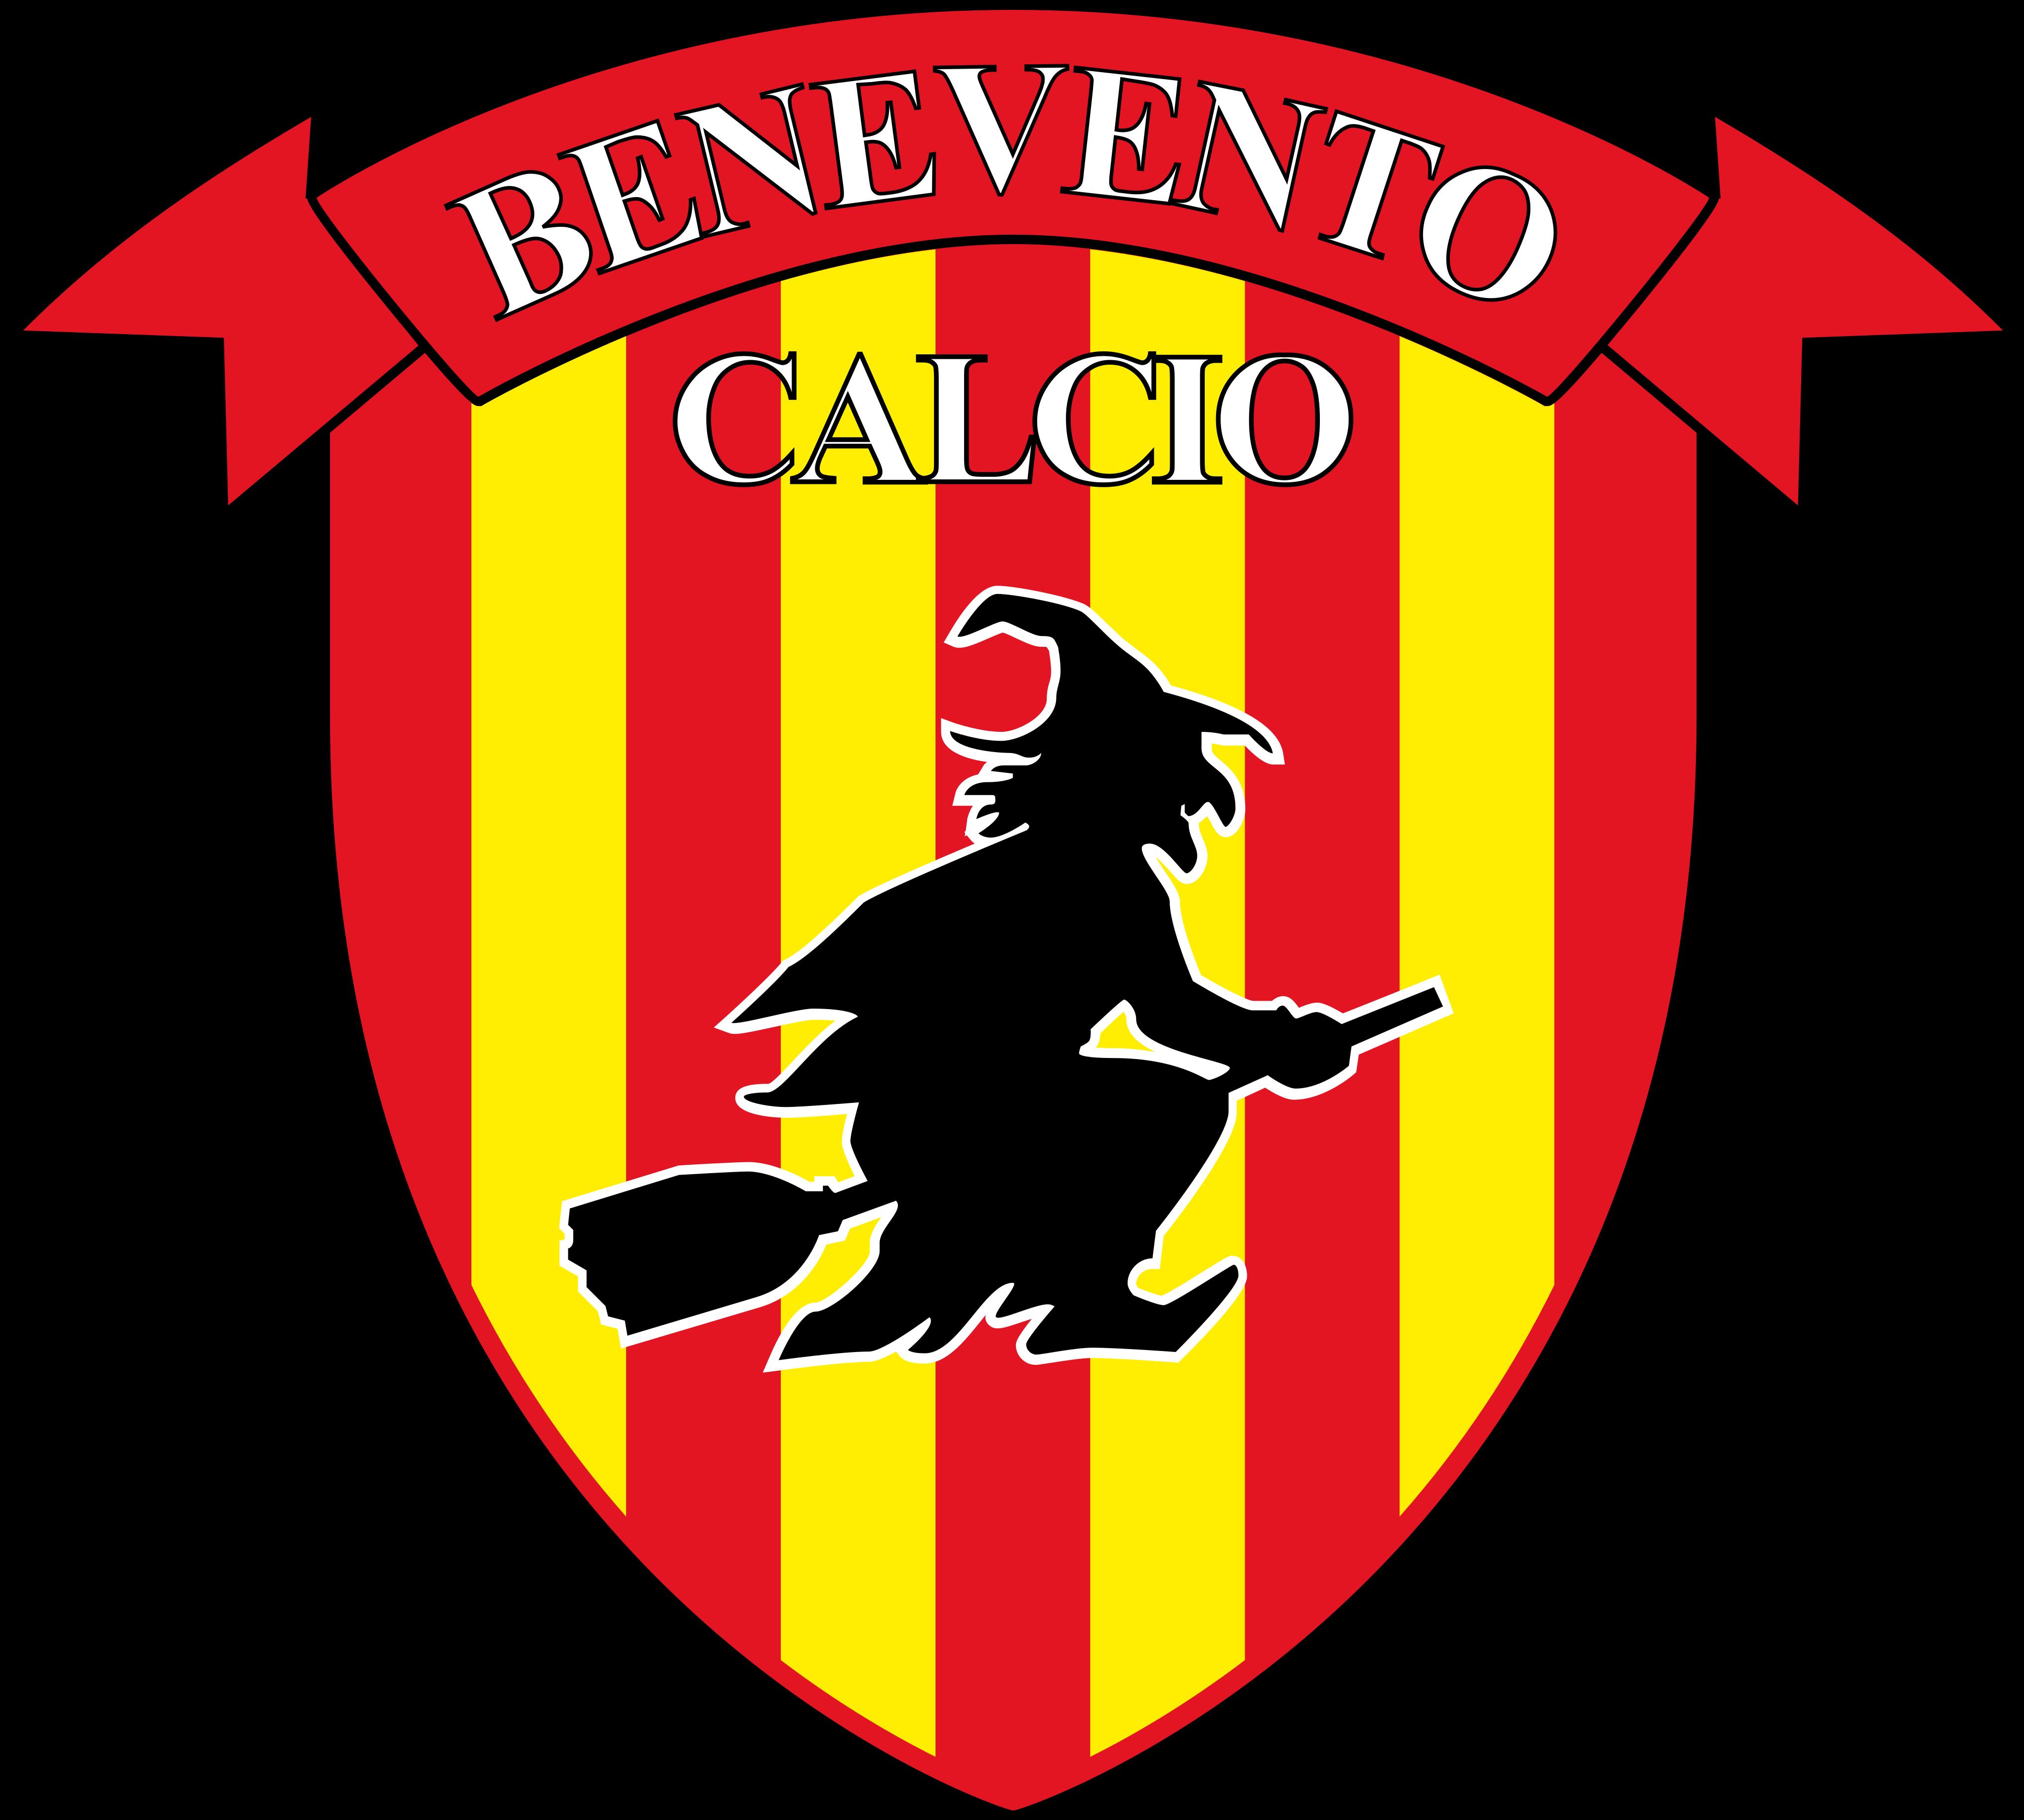 Benevento Calcio Logo.